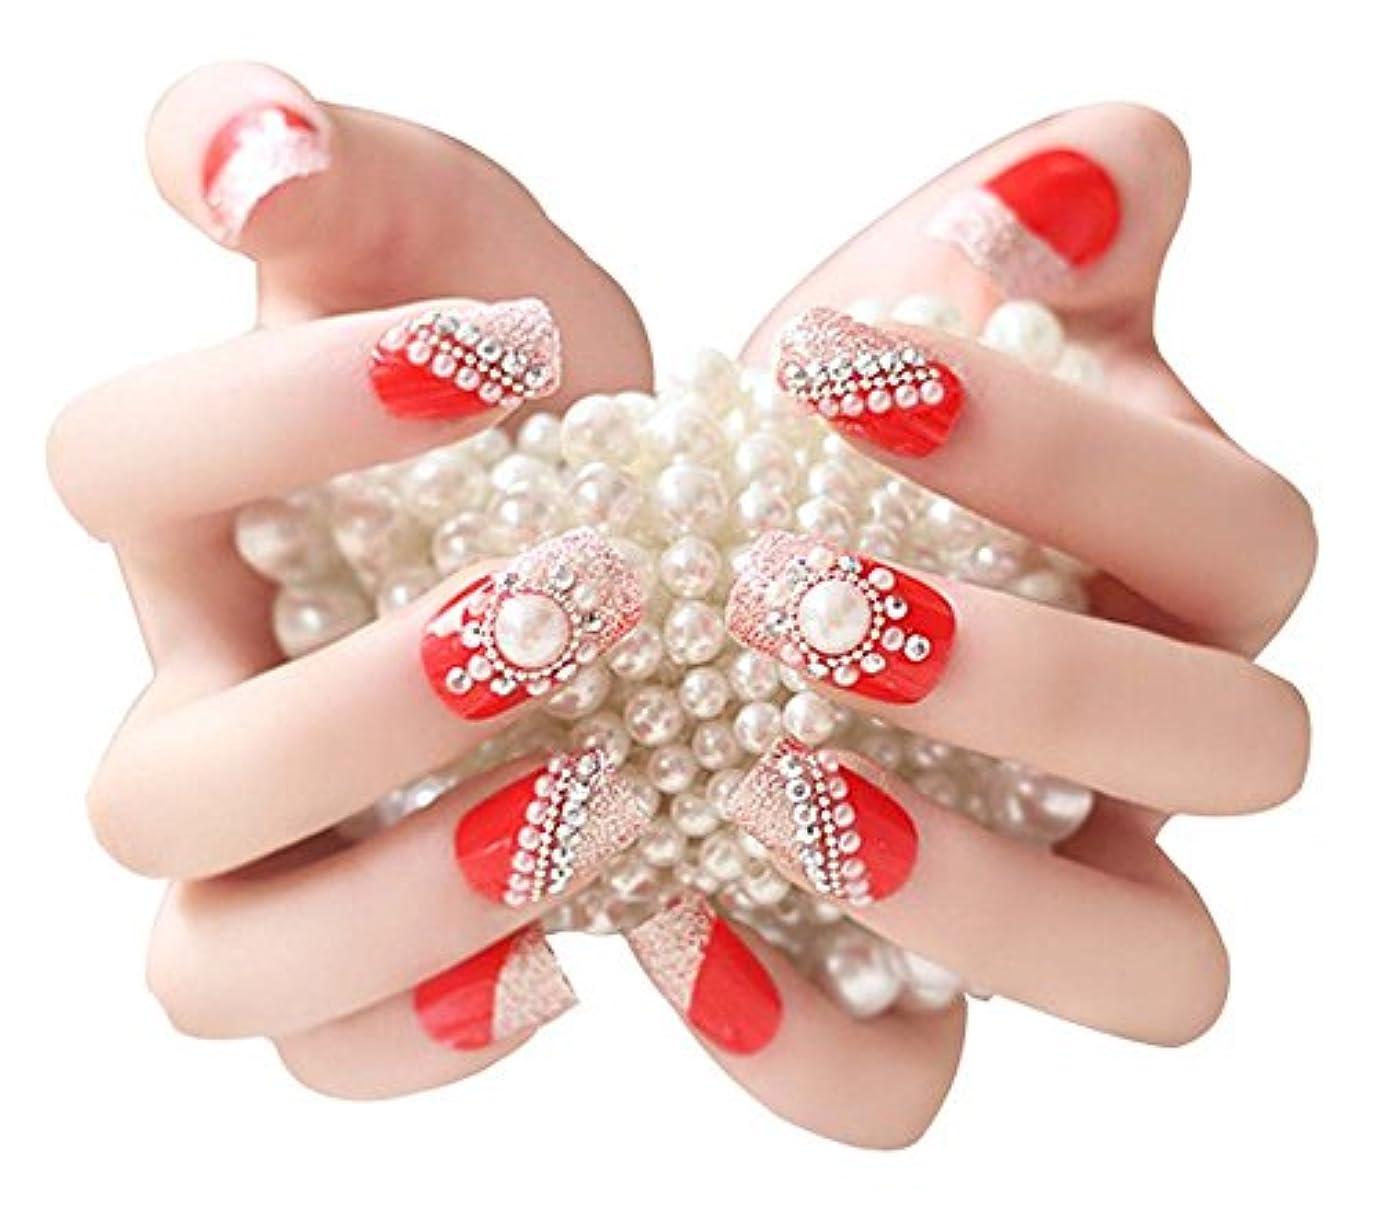 泥だらけフェザーエミュレートする人工真珠ラインストーンつけ爪結婚式のメイクアップネイルアート、赤、2パック - 48枚